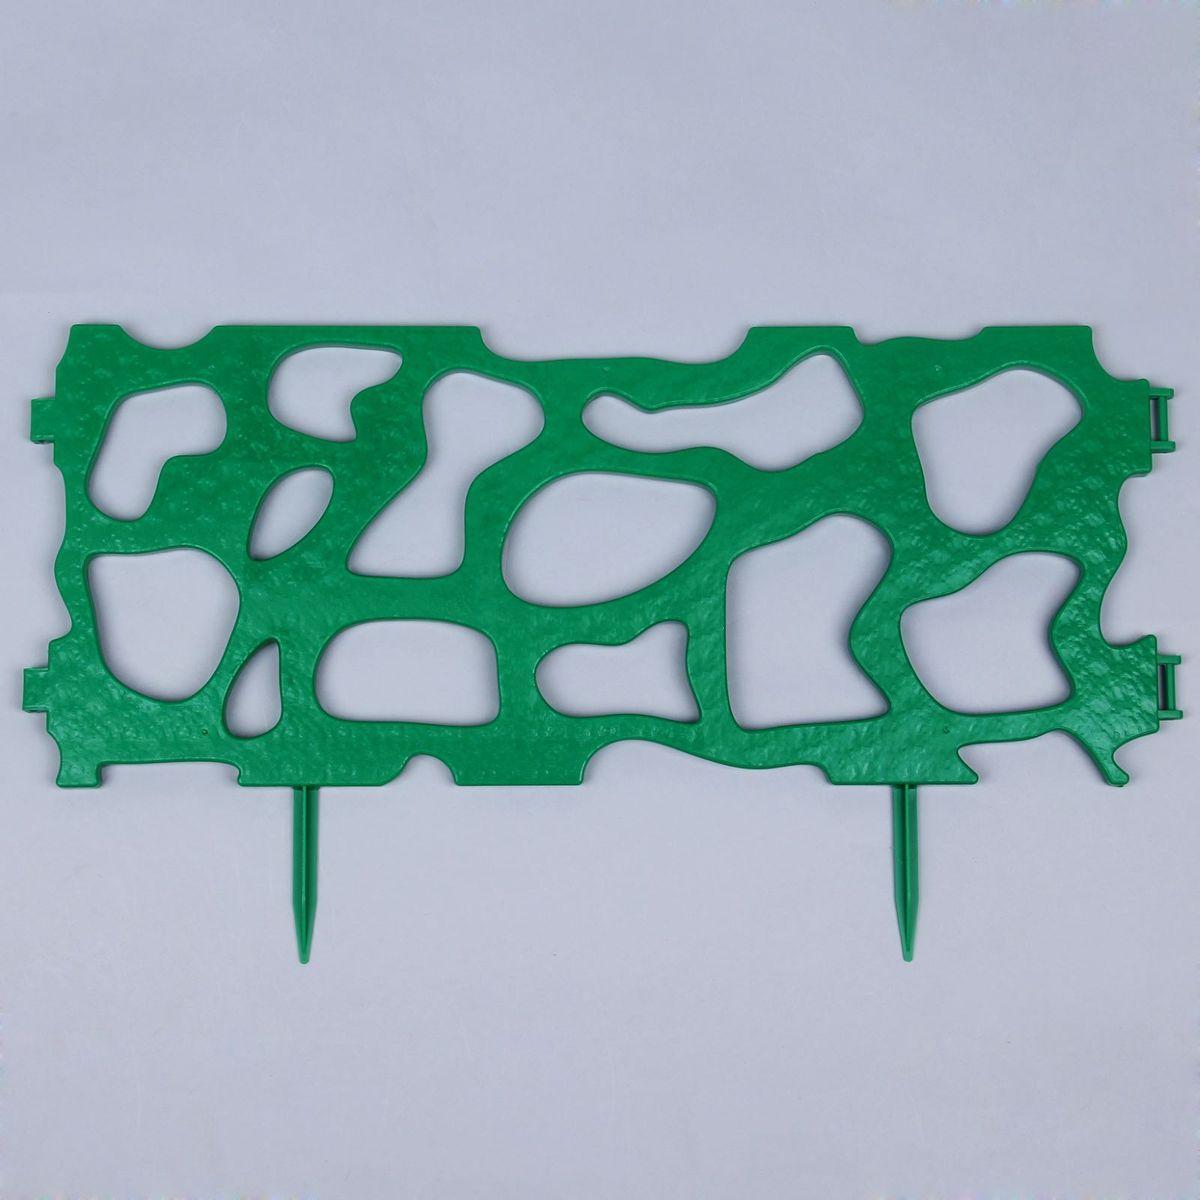 Ограждение садовое декоративное Рельеф, 7 секций, цвет: зеленый, 30 х 365 см2083040Ограждение садовое Рельеф предназначено для декоративного оформления границ цветников, клумб, газонов, садовых дорожек и площадок. Изделие изготовлено из прочного пластика. Легко и быстро собирается, надежно крепится в земле. Скрепляются при помощи простого замка.Размеры одной секции: 30 х 54 см.Высота без ножки: 22 см.Общая длина: 365 см.Количество ограждений в упаковке: 7 шт.